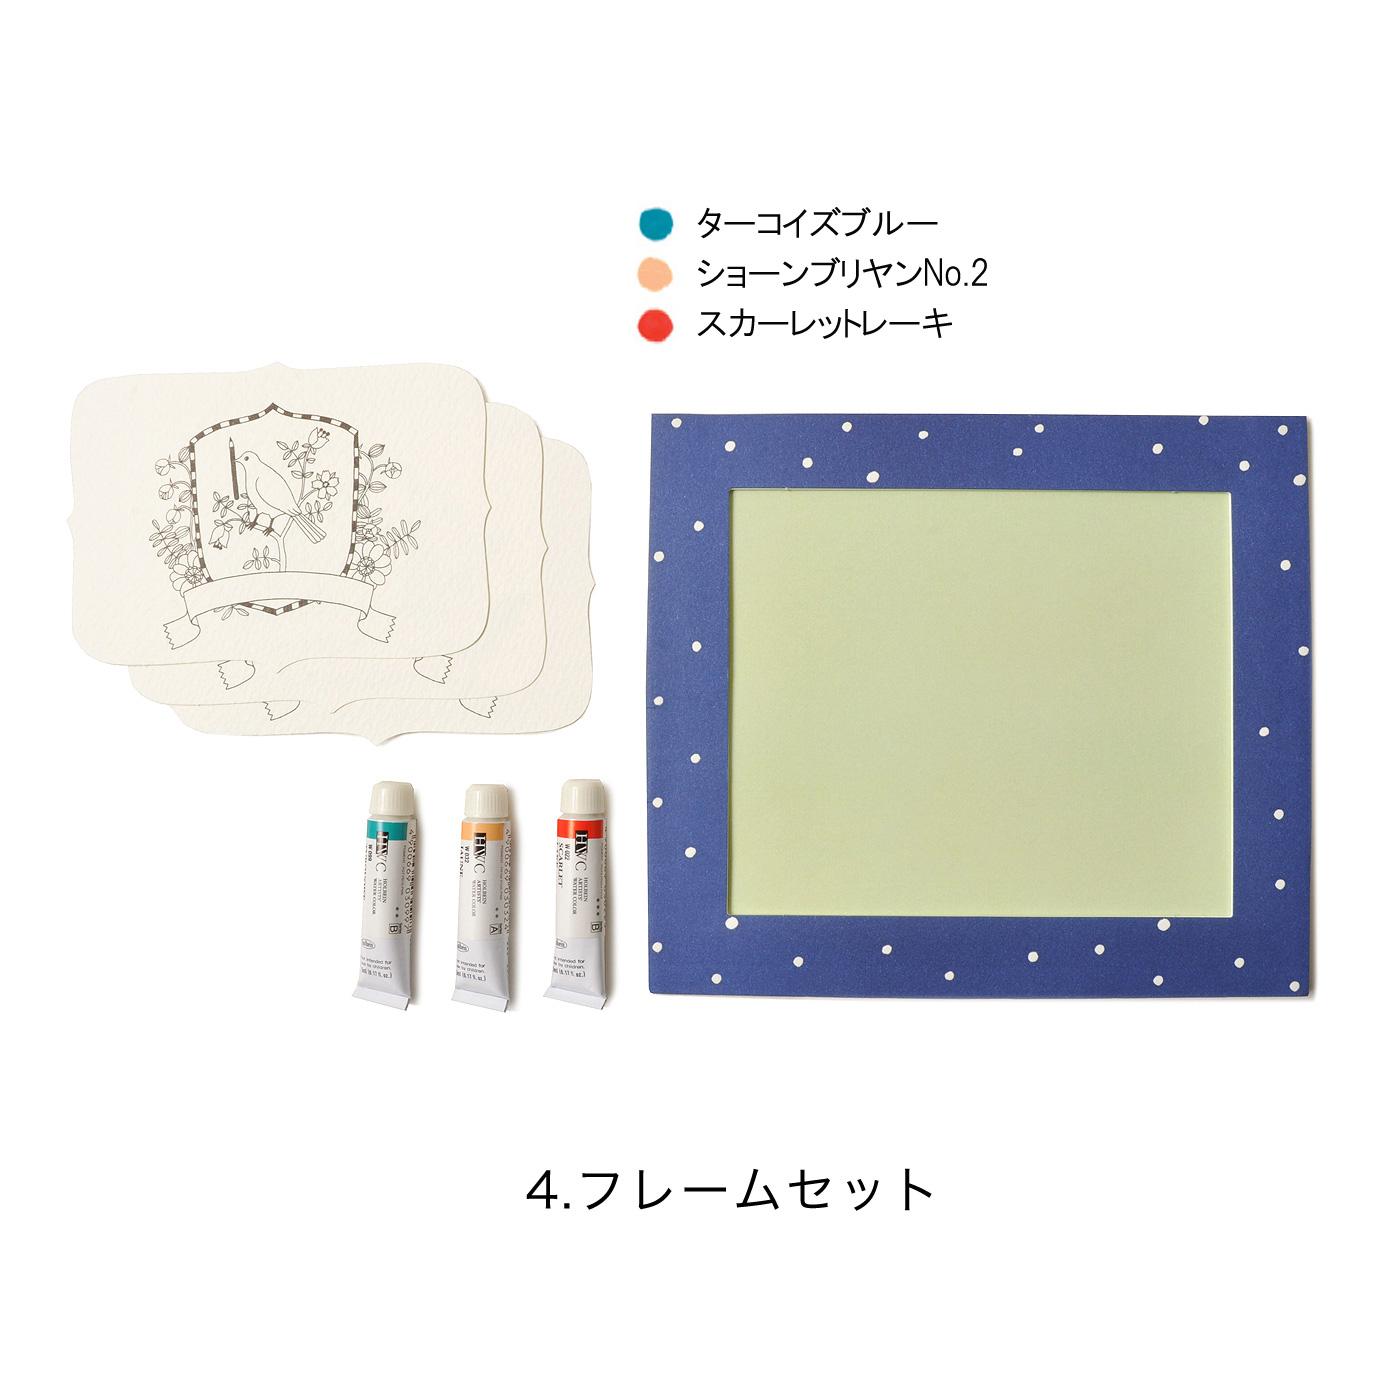 布川さんの手書きドット柄が愛らしいミニフレームには、写真を入れたり、カードに色付けして貼って飾れば家族の思い出スペースに。小鳥柄のカード3枚と絵の具は「ケーキ」をイメージした3色をセット。